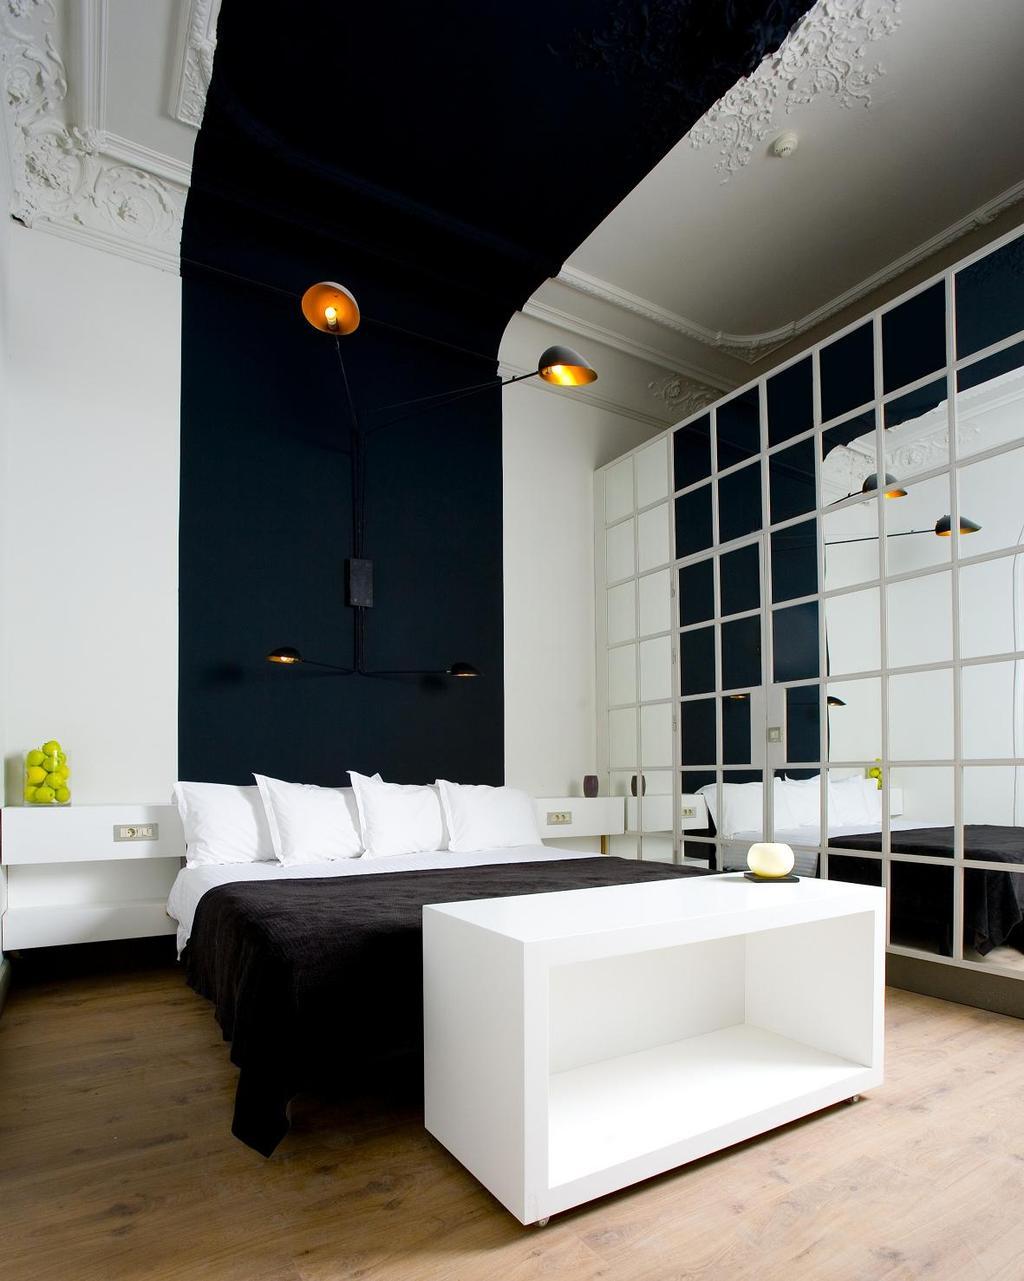 Hotel praktik rambla barcelona spain for Design hotel barcelona